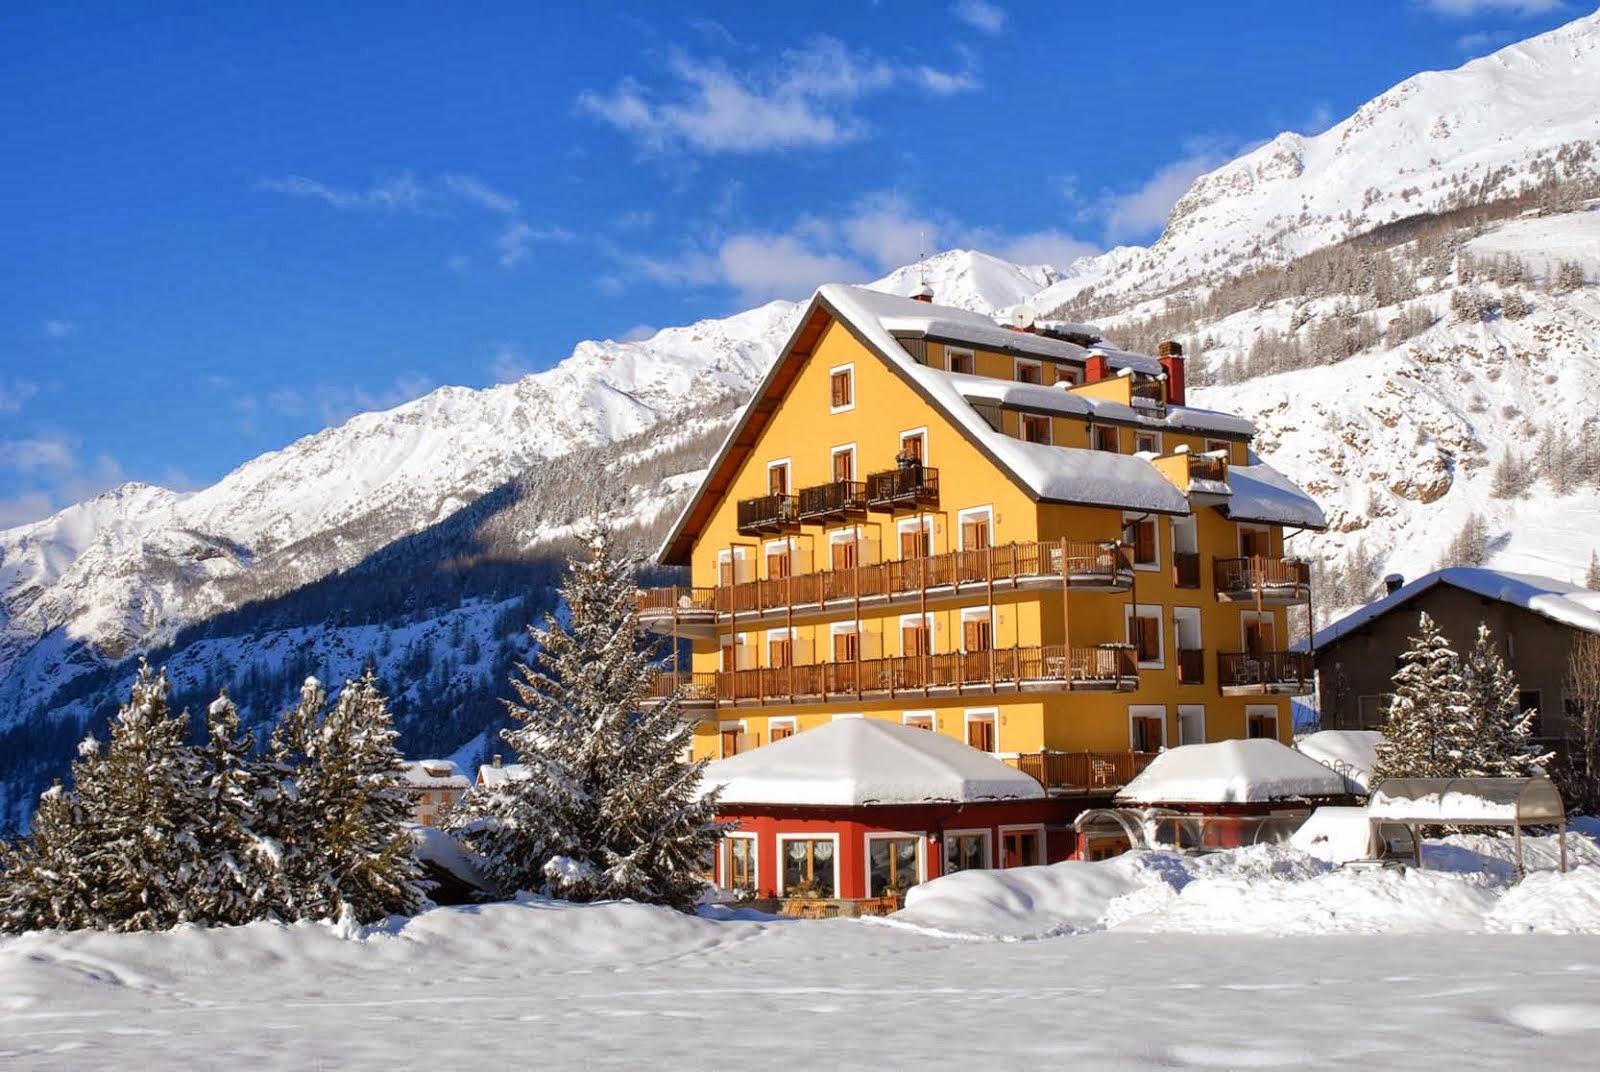 Hotel Sant Orso Cogne Sito Ufficiale